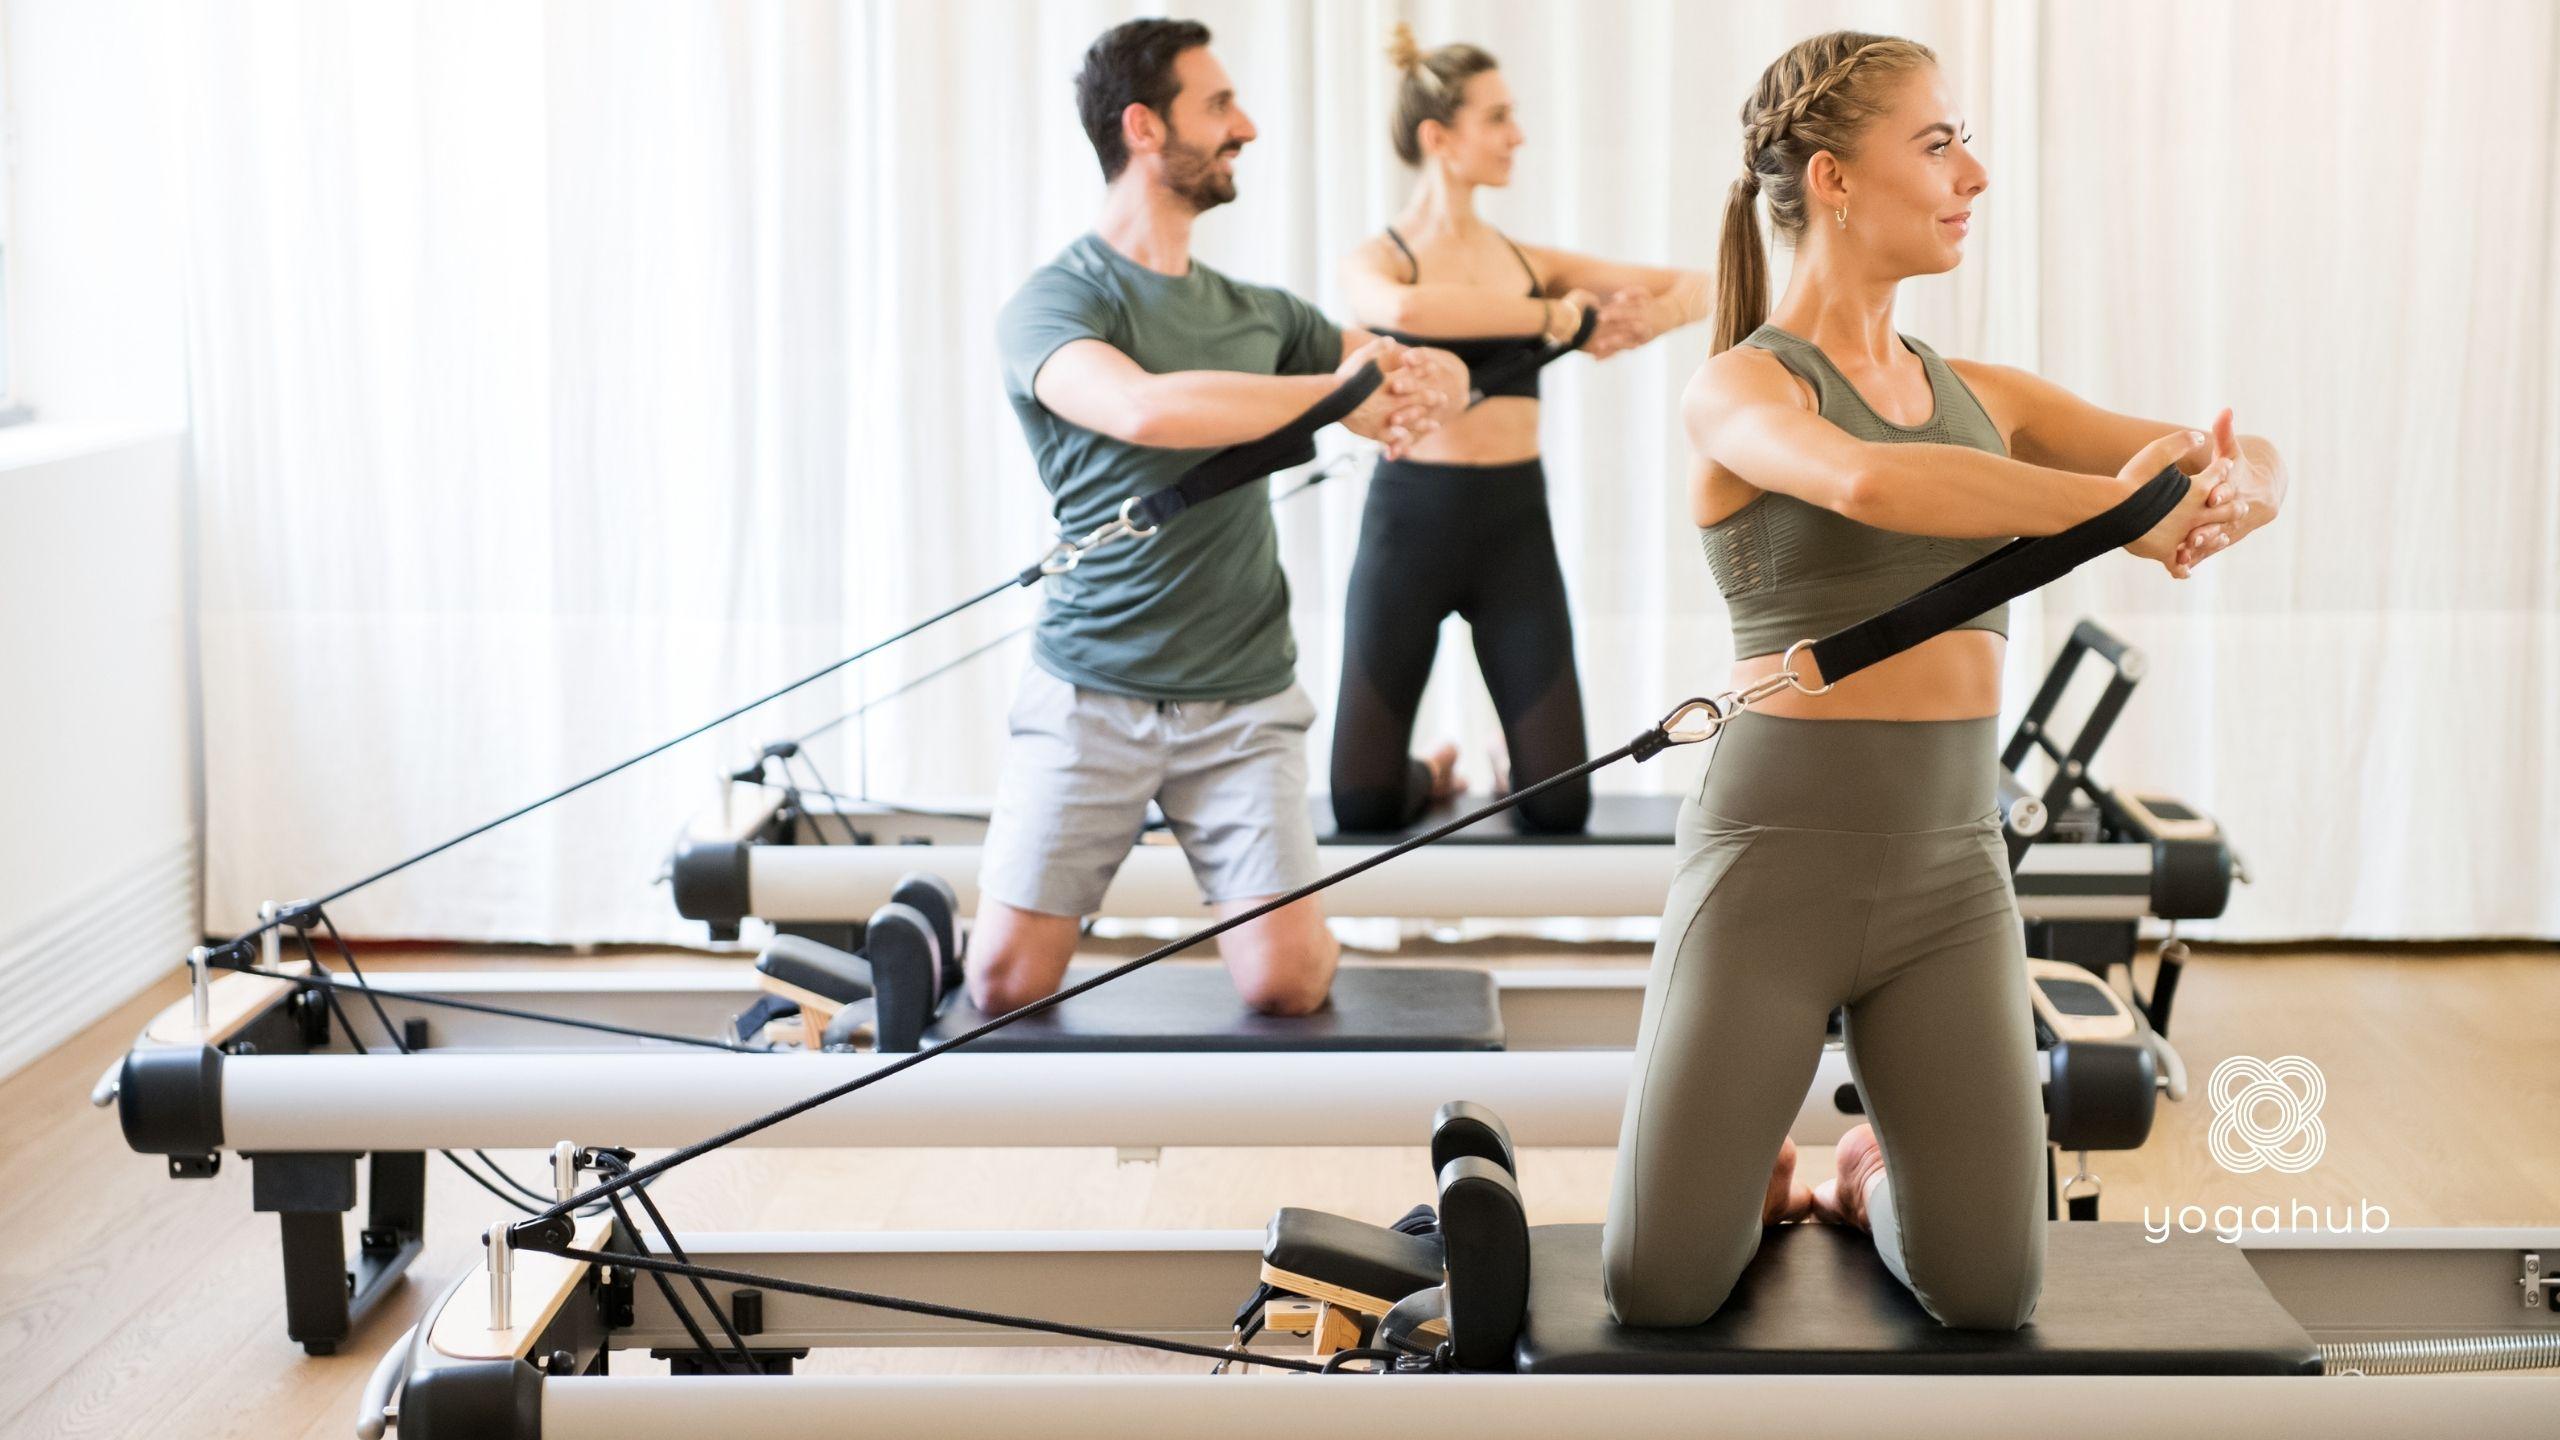 Mat & Reformer Pilates Trainings